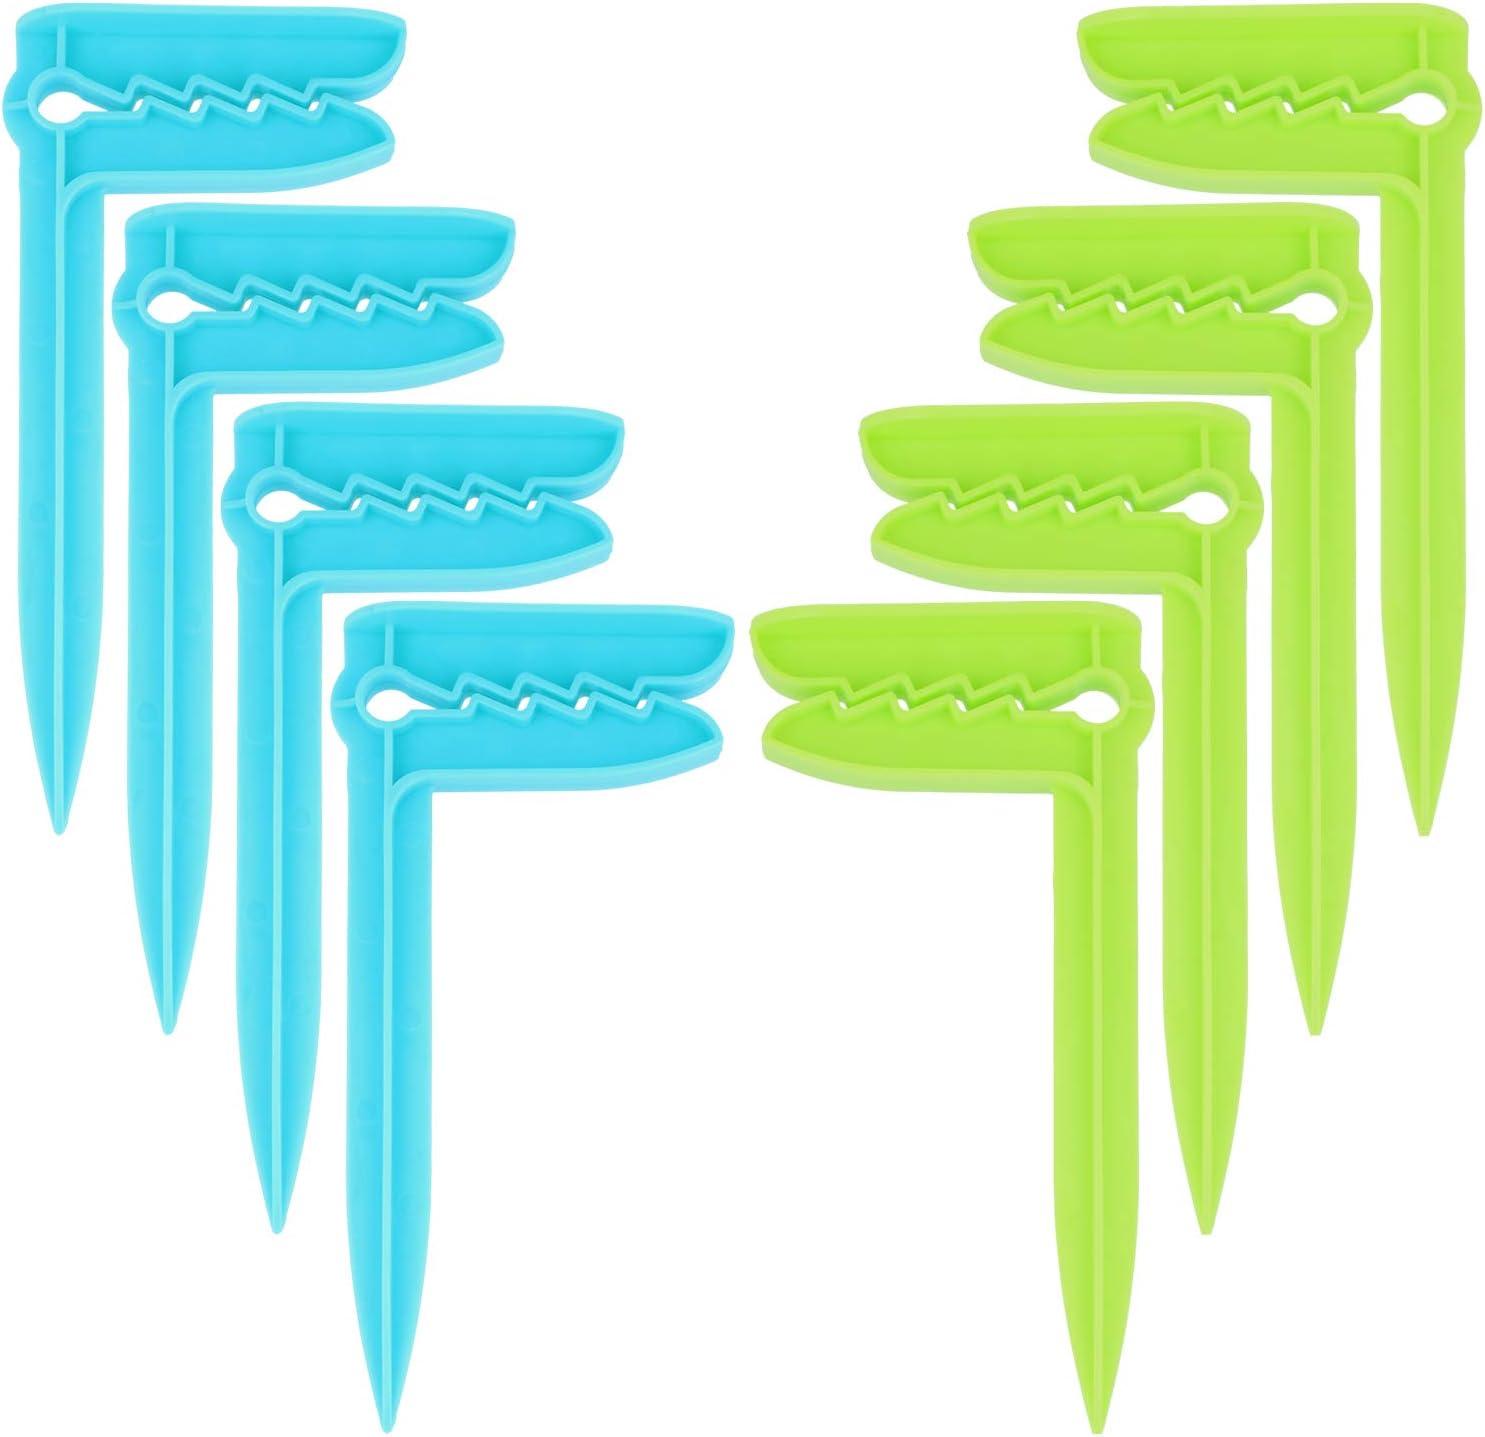 Les Voyages Id/éal pour la Plage com-four/® 4X Attaches pour Serviettes de Plage 04 pi/èces - Hareng//Bleu Le Camping ou Les Pique-niques Attaches pour Serviettes /à Fixer